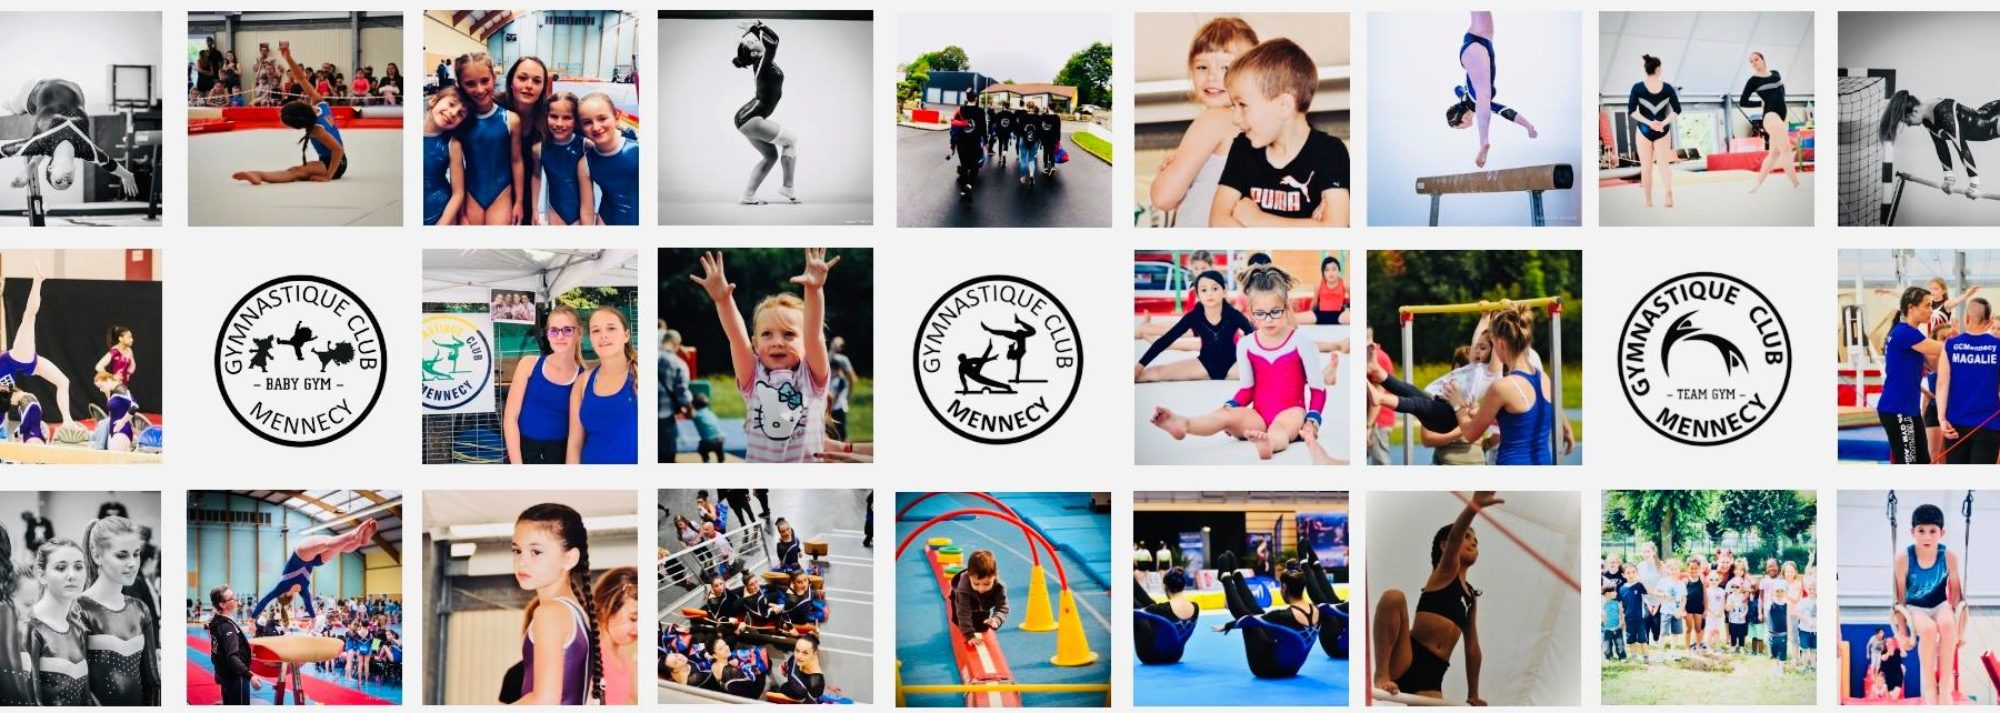 Gymnastique Club de Mennecy